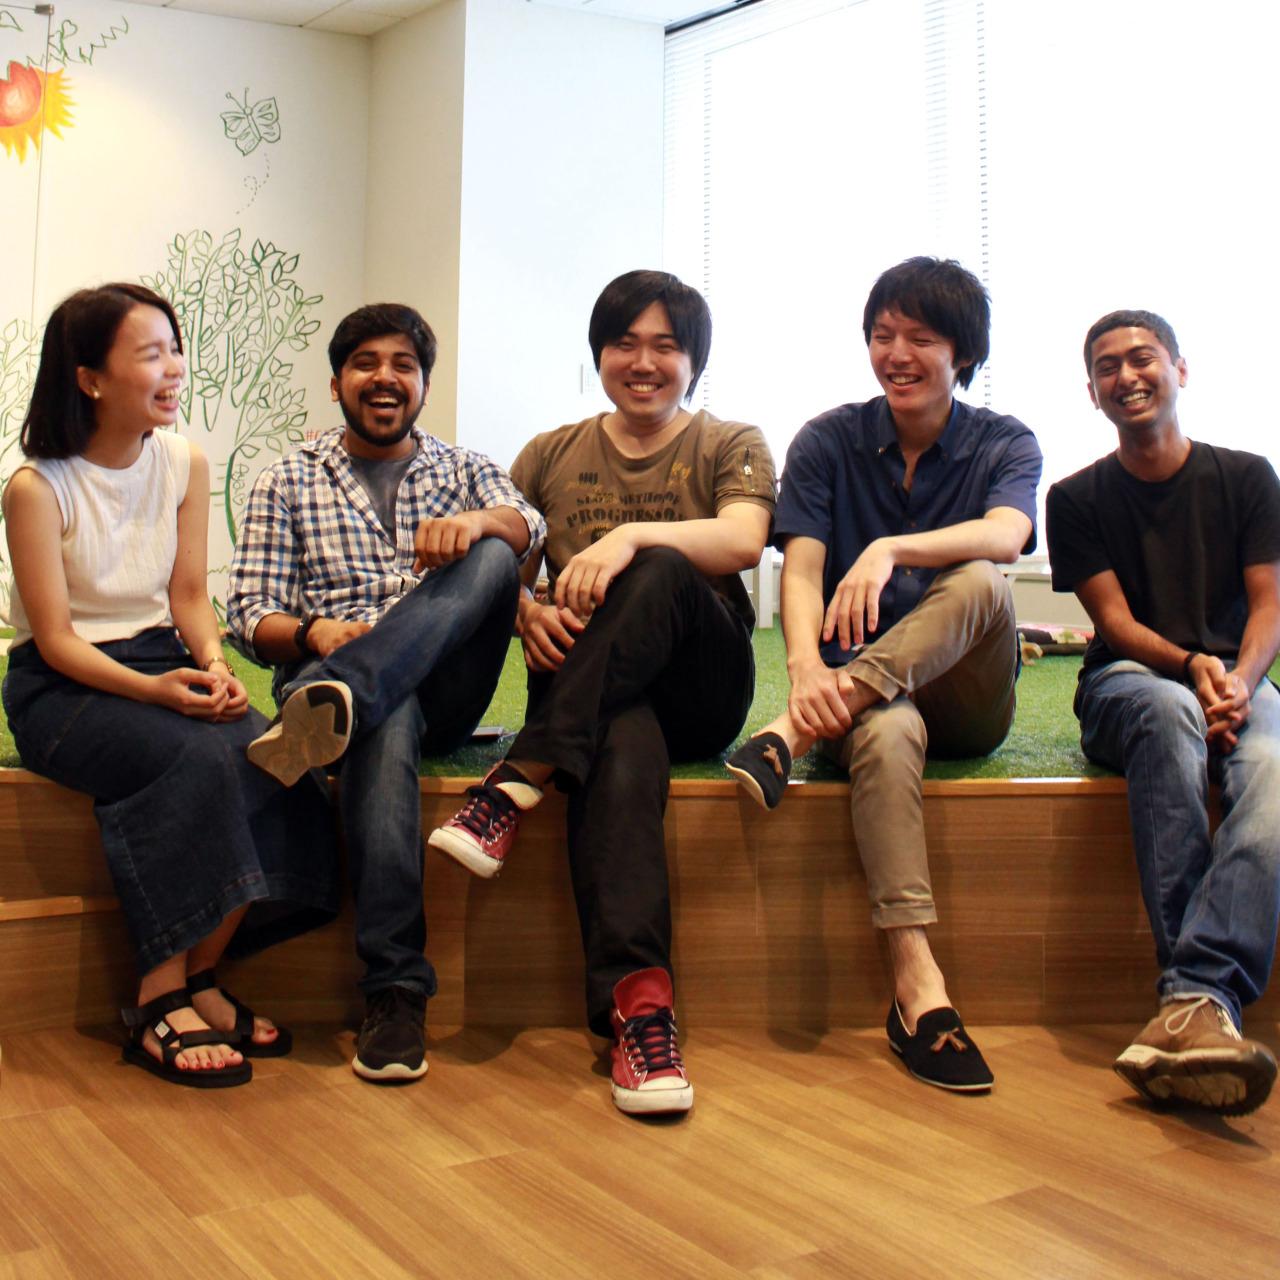 「ユーザーの生活をもっと便利に」(Hack Day投票賞・社内限定部門編)